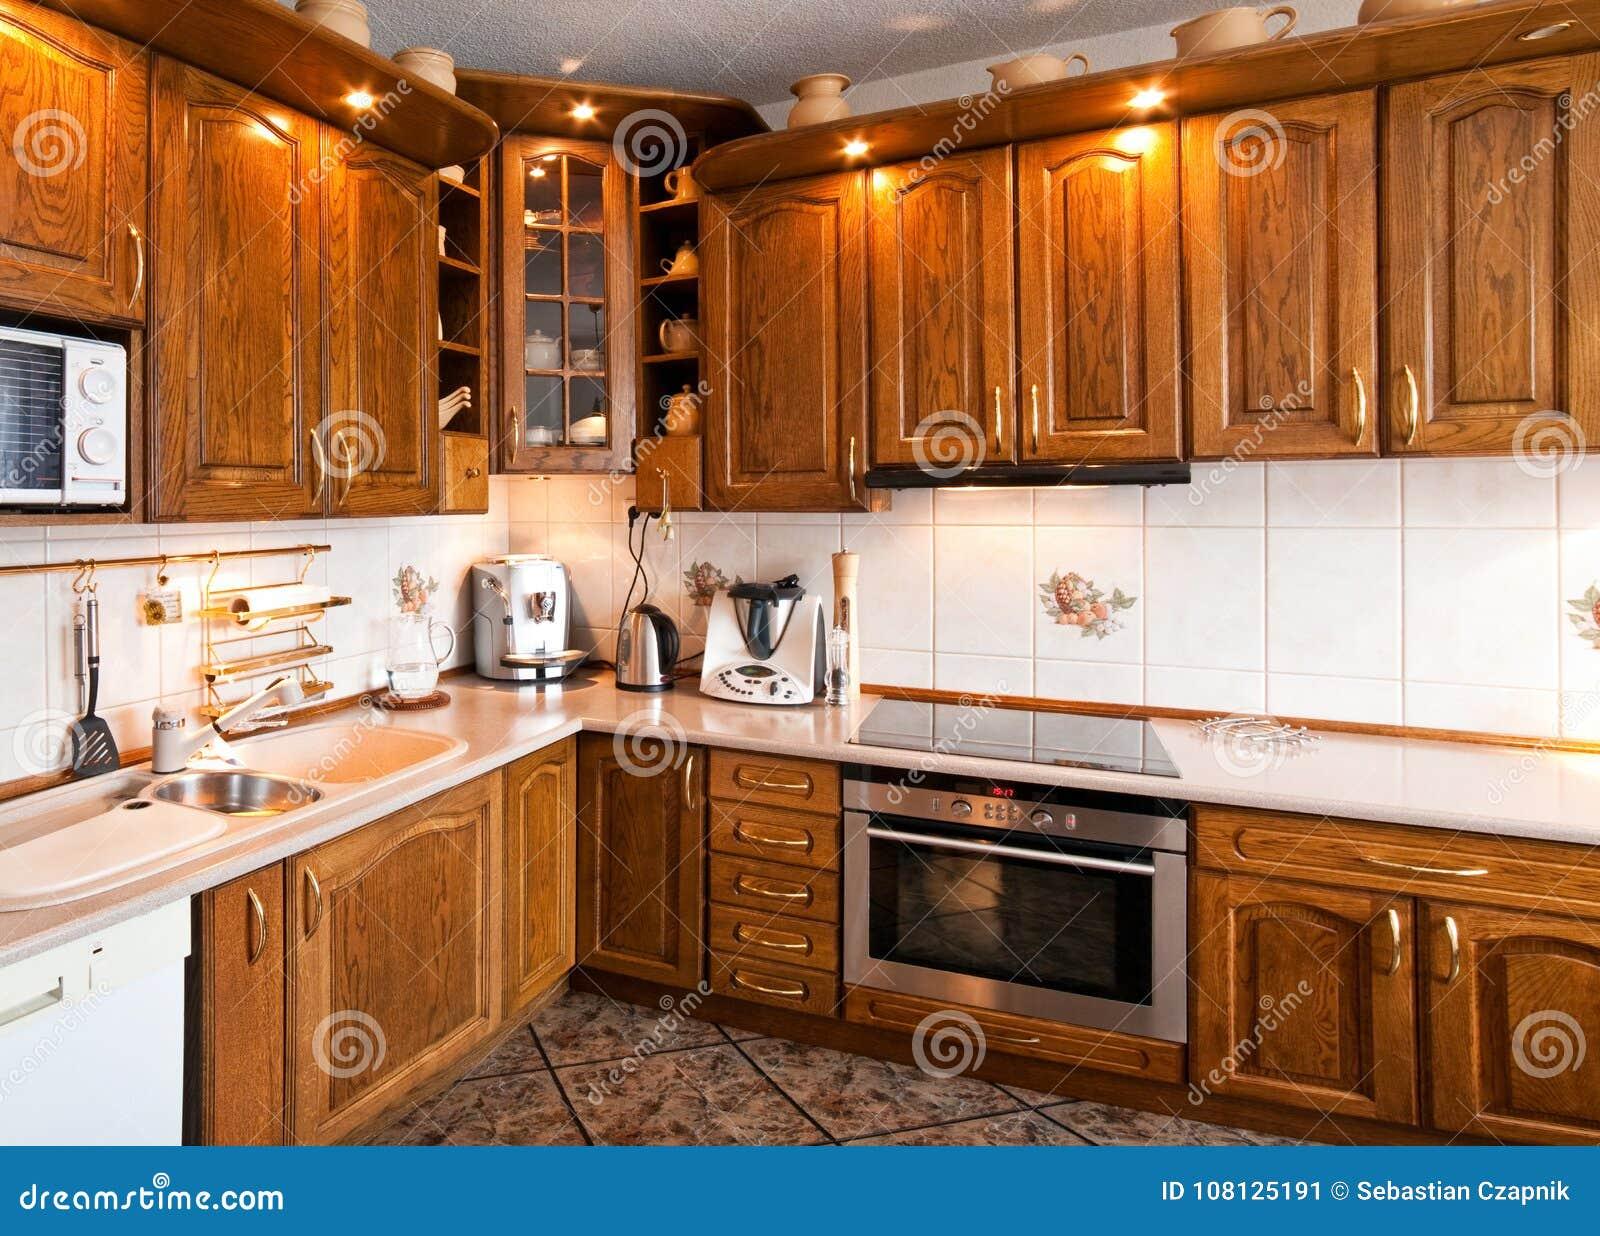 Interior De Una Cocina Clasica Con Muebles De Madera Imagen De - Cocina-clsica